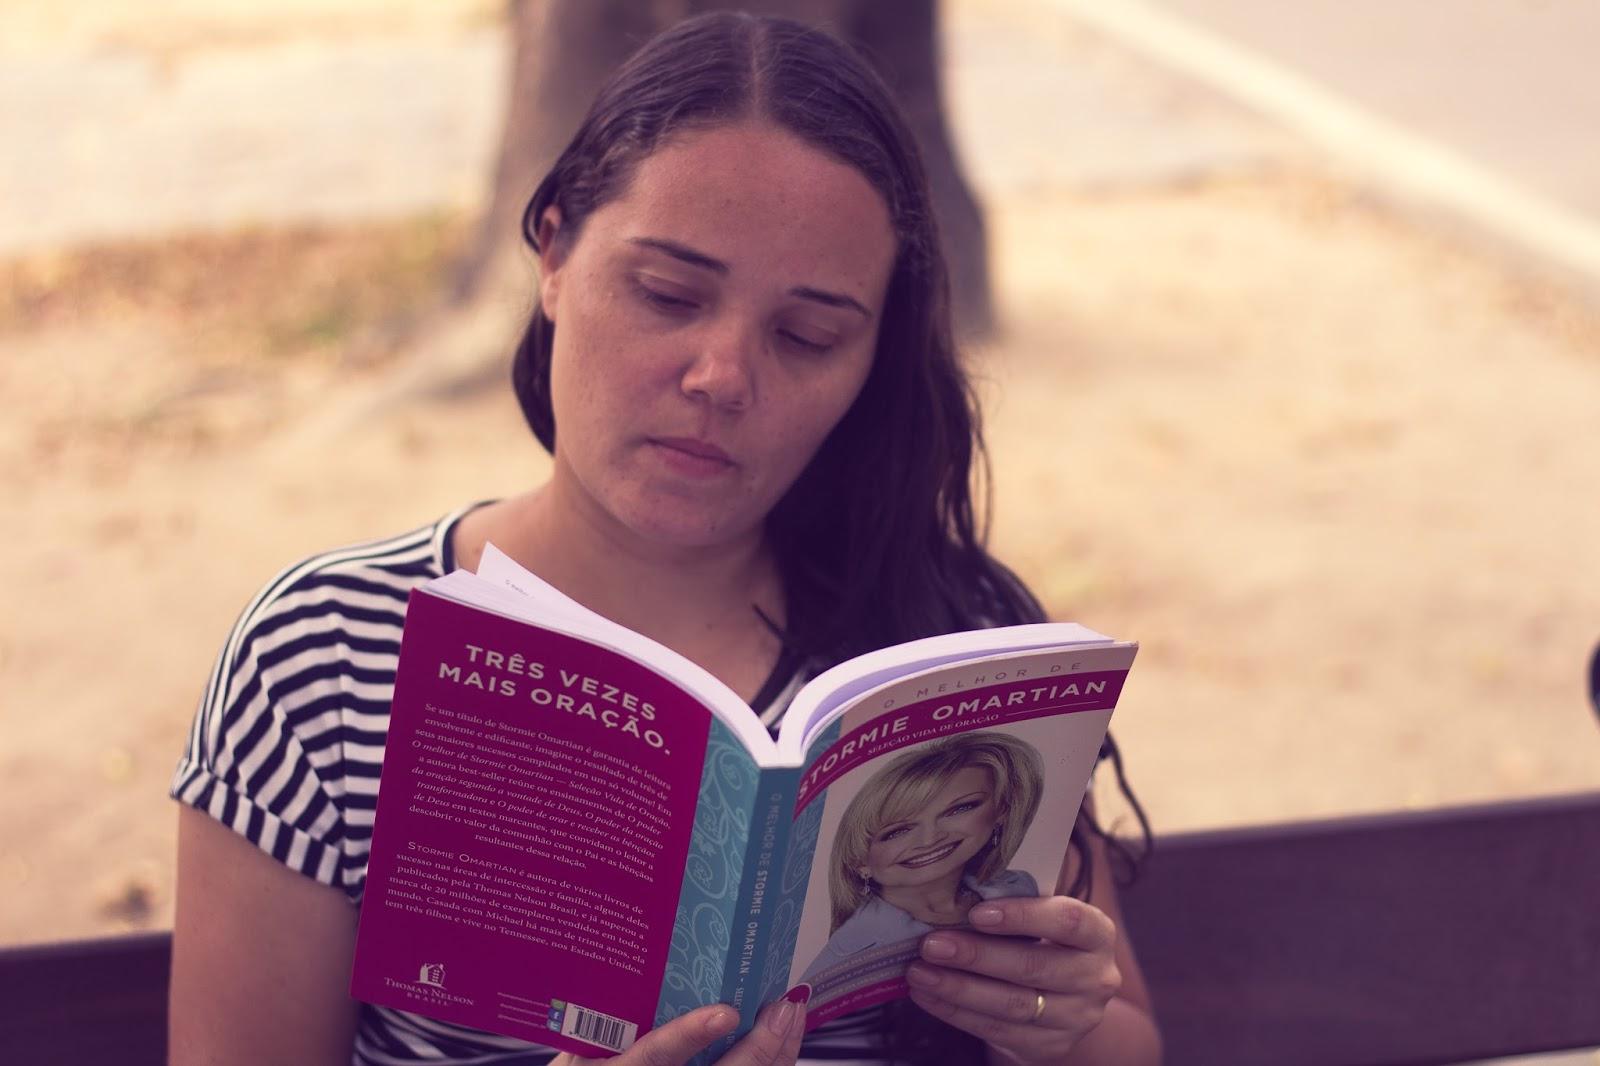 d9eda01a27043 No final de cada capítulo ela mostra um exemplo de oração para o tema  abordado no capítulo e cita alguns versículos para ajudar no estudo se caso  o leitor ...